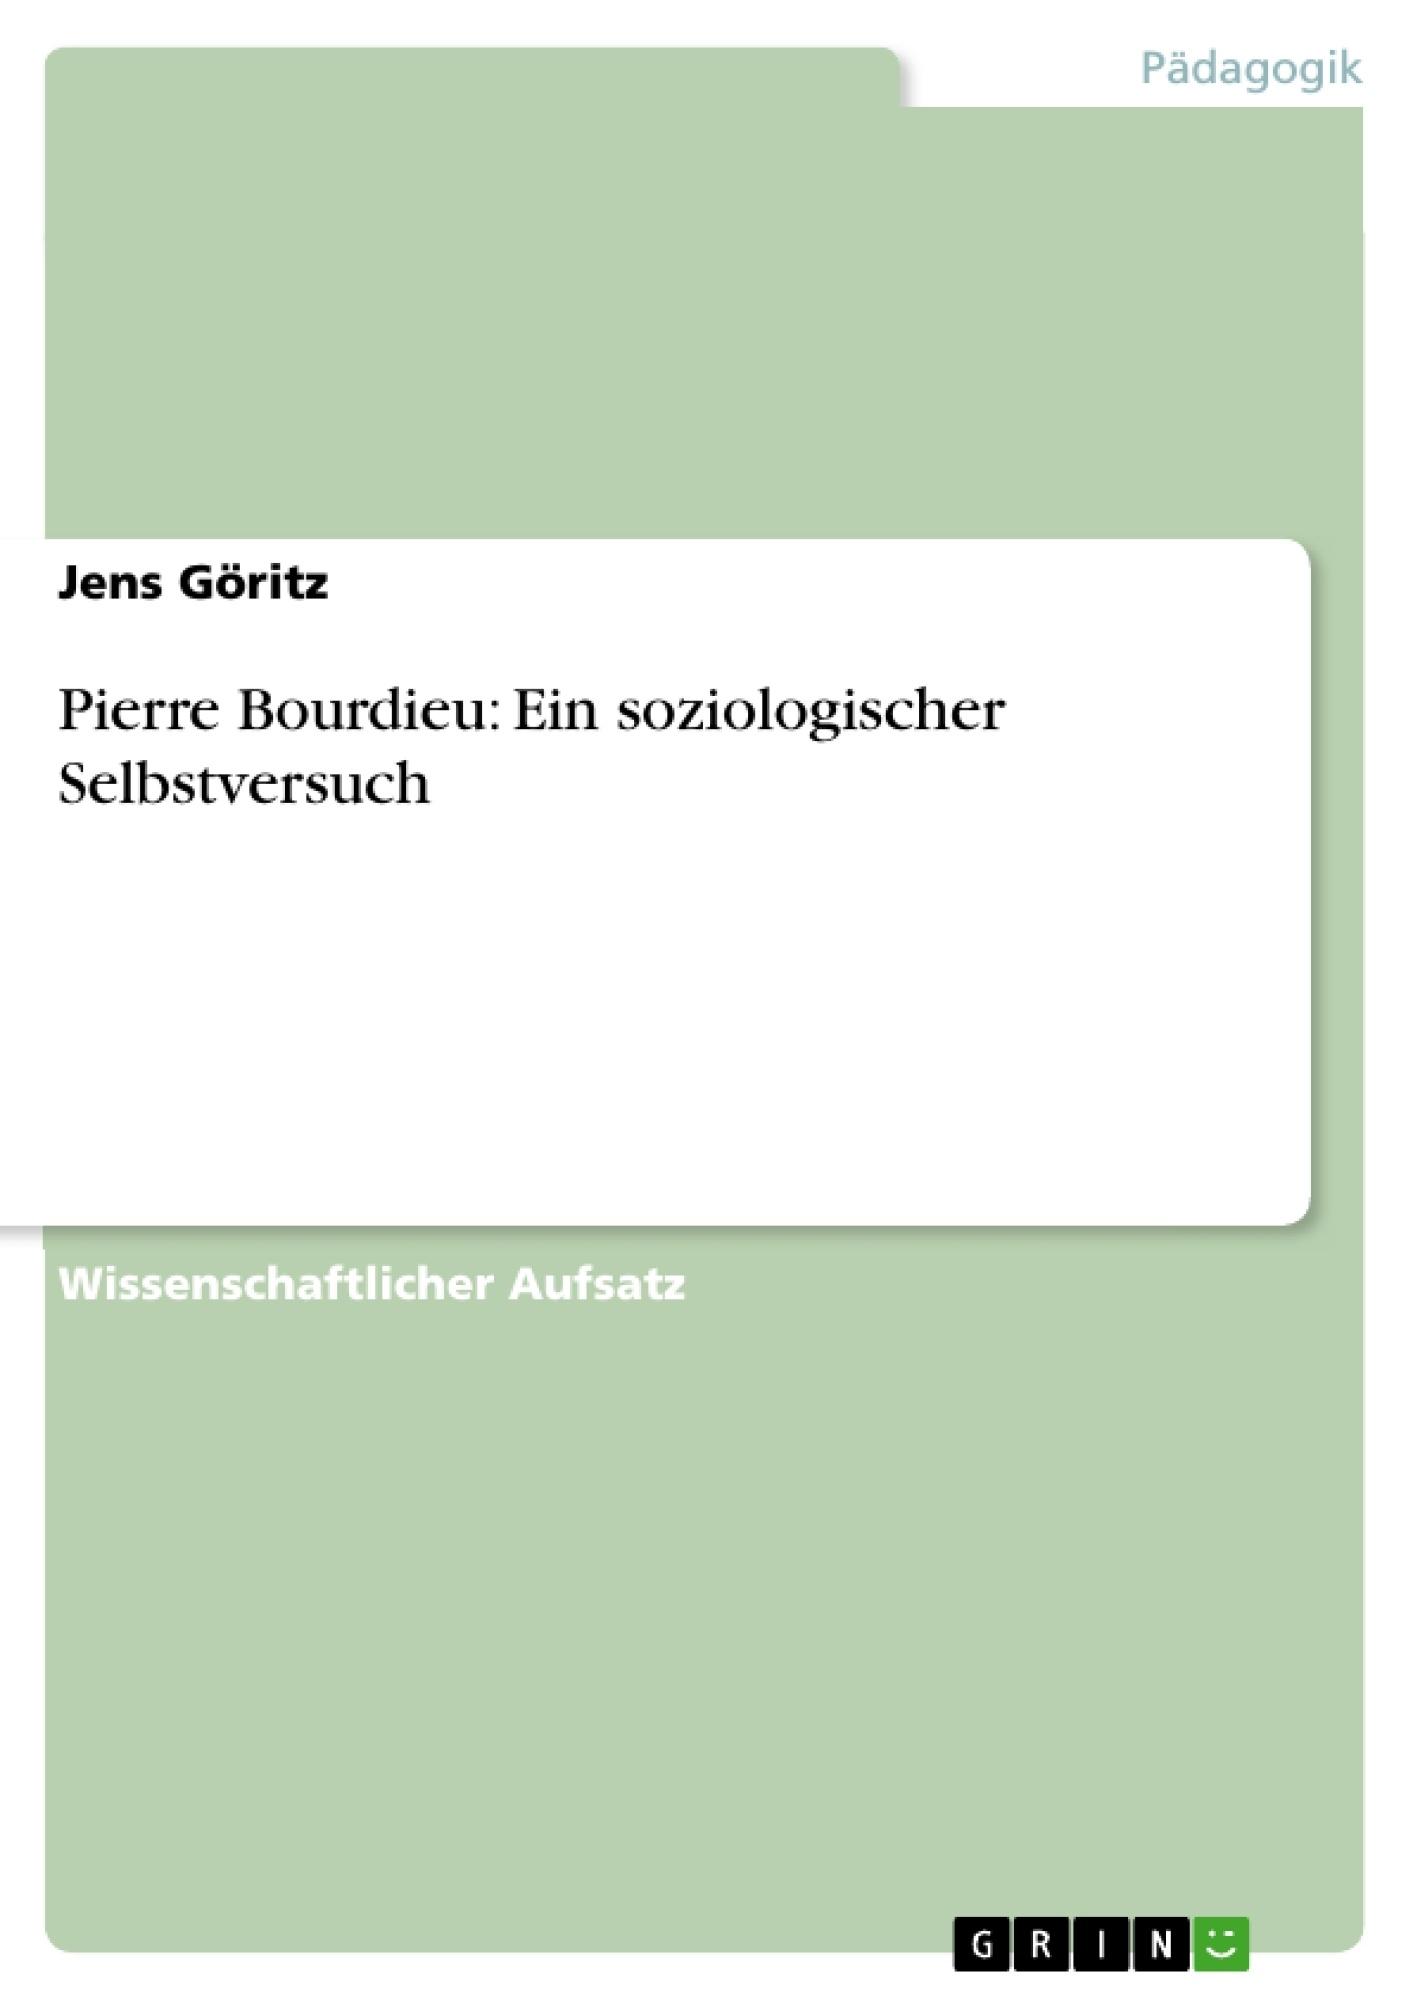 Titel: Pierre Bourdieu: Ein soziologischer Selbstversuch